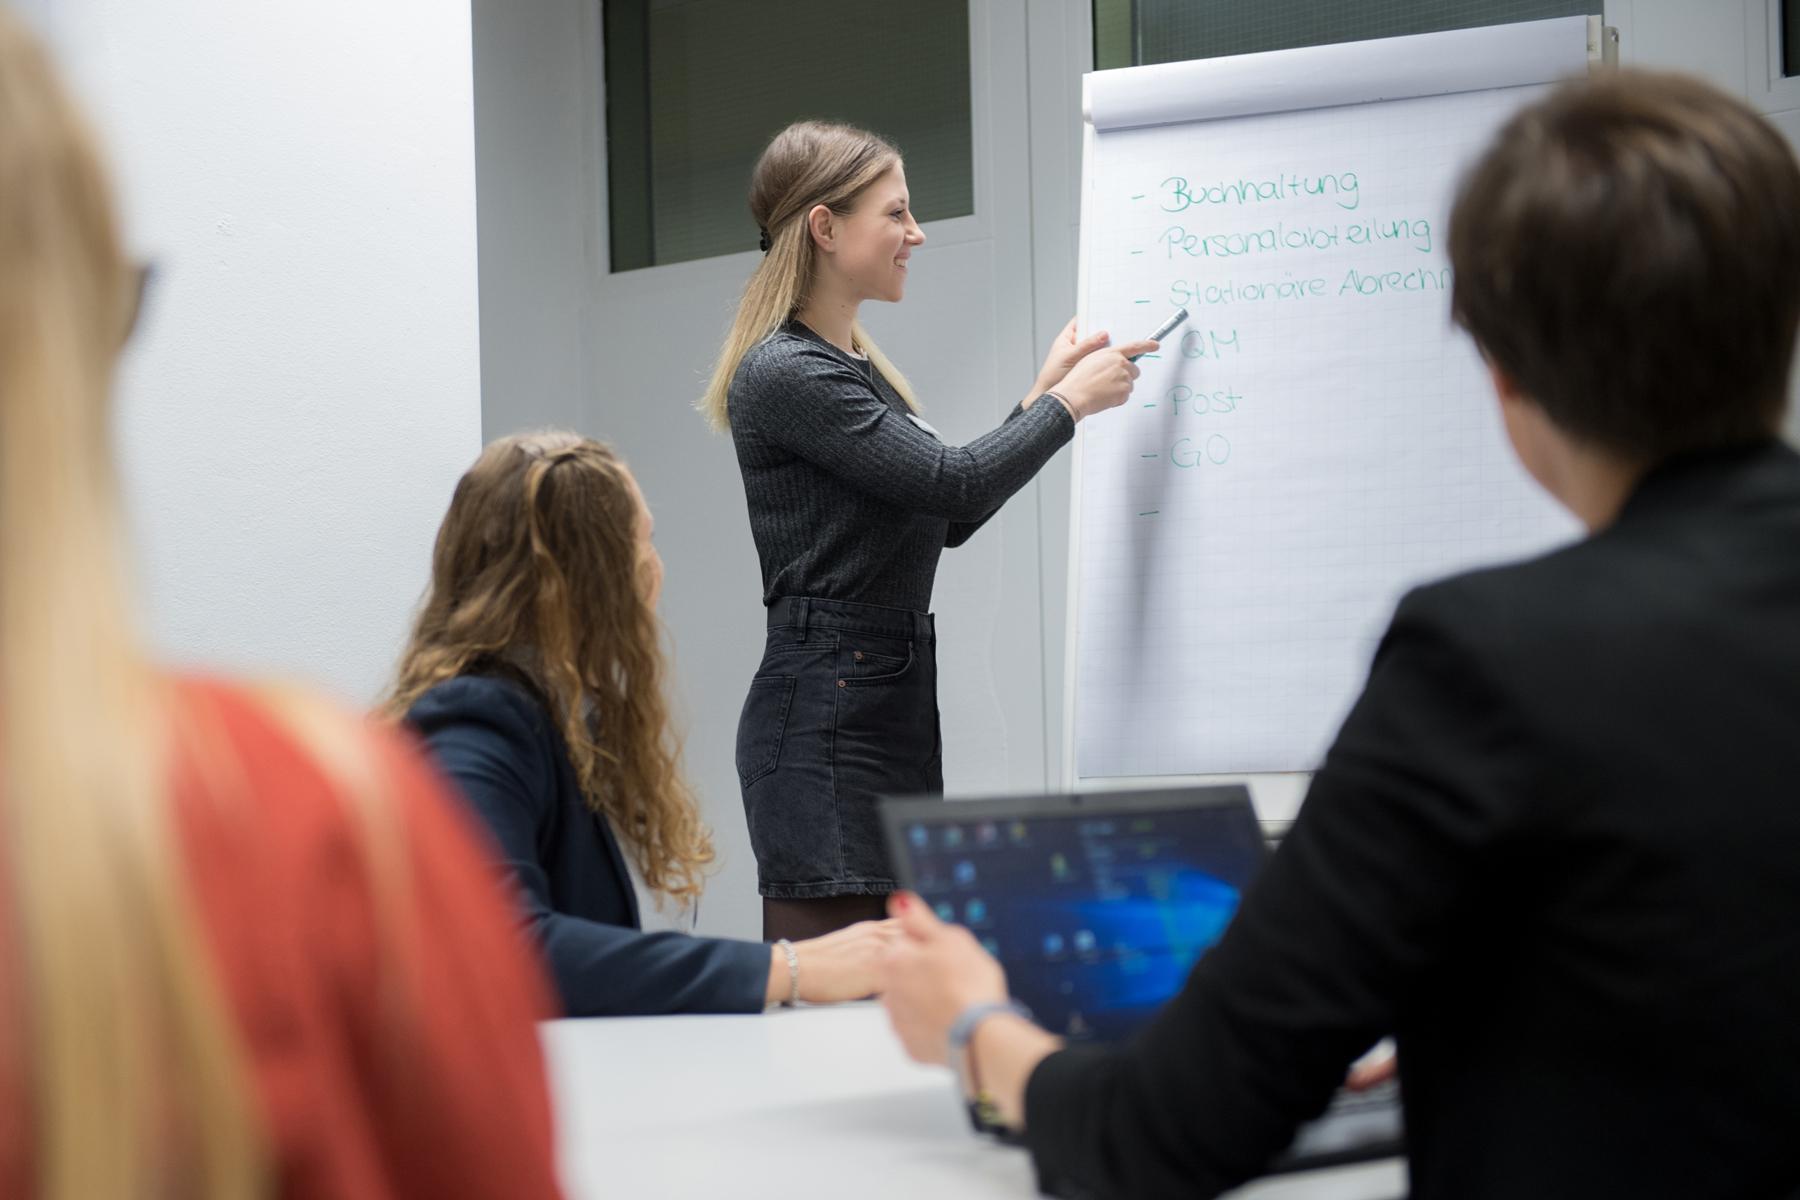 Eine Auszubildende erklärt verschiedene Fachbegriffe am Flipchart.